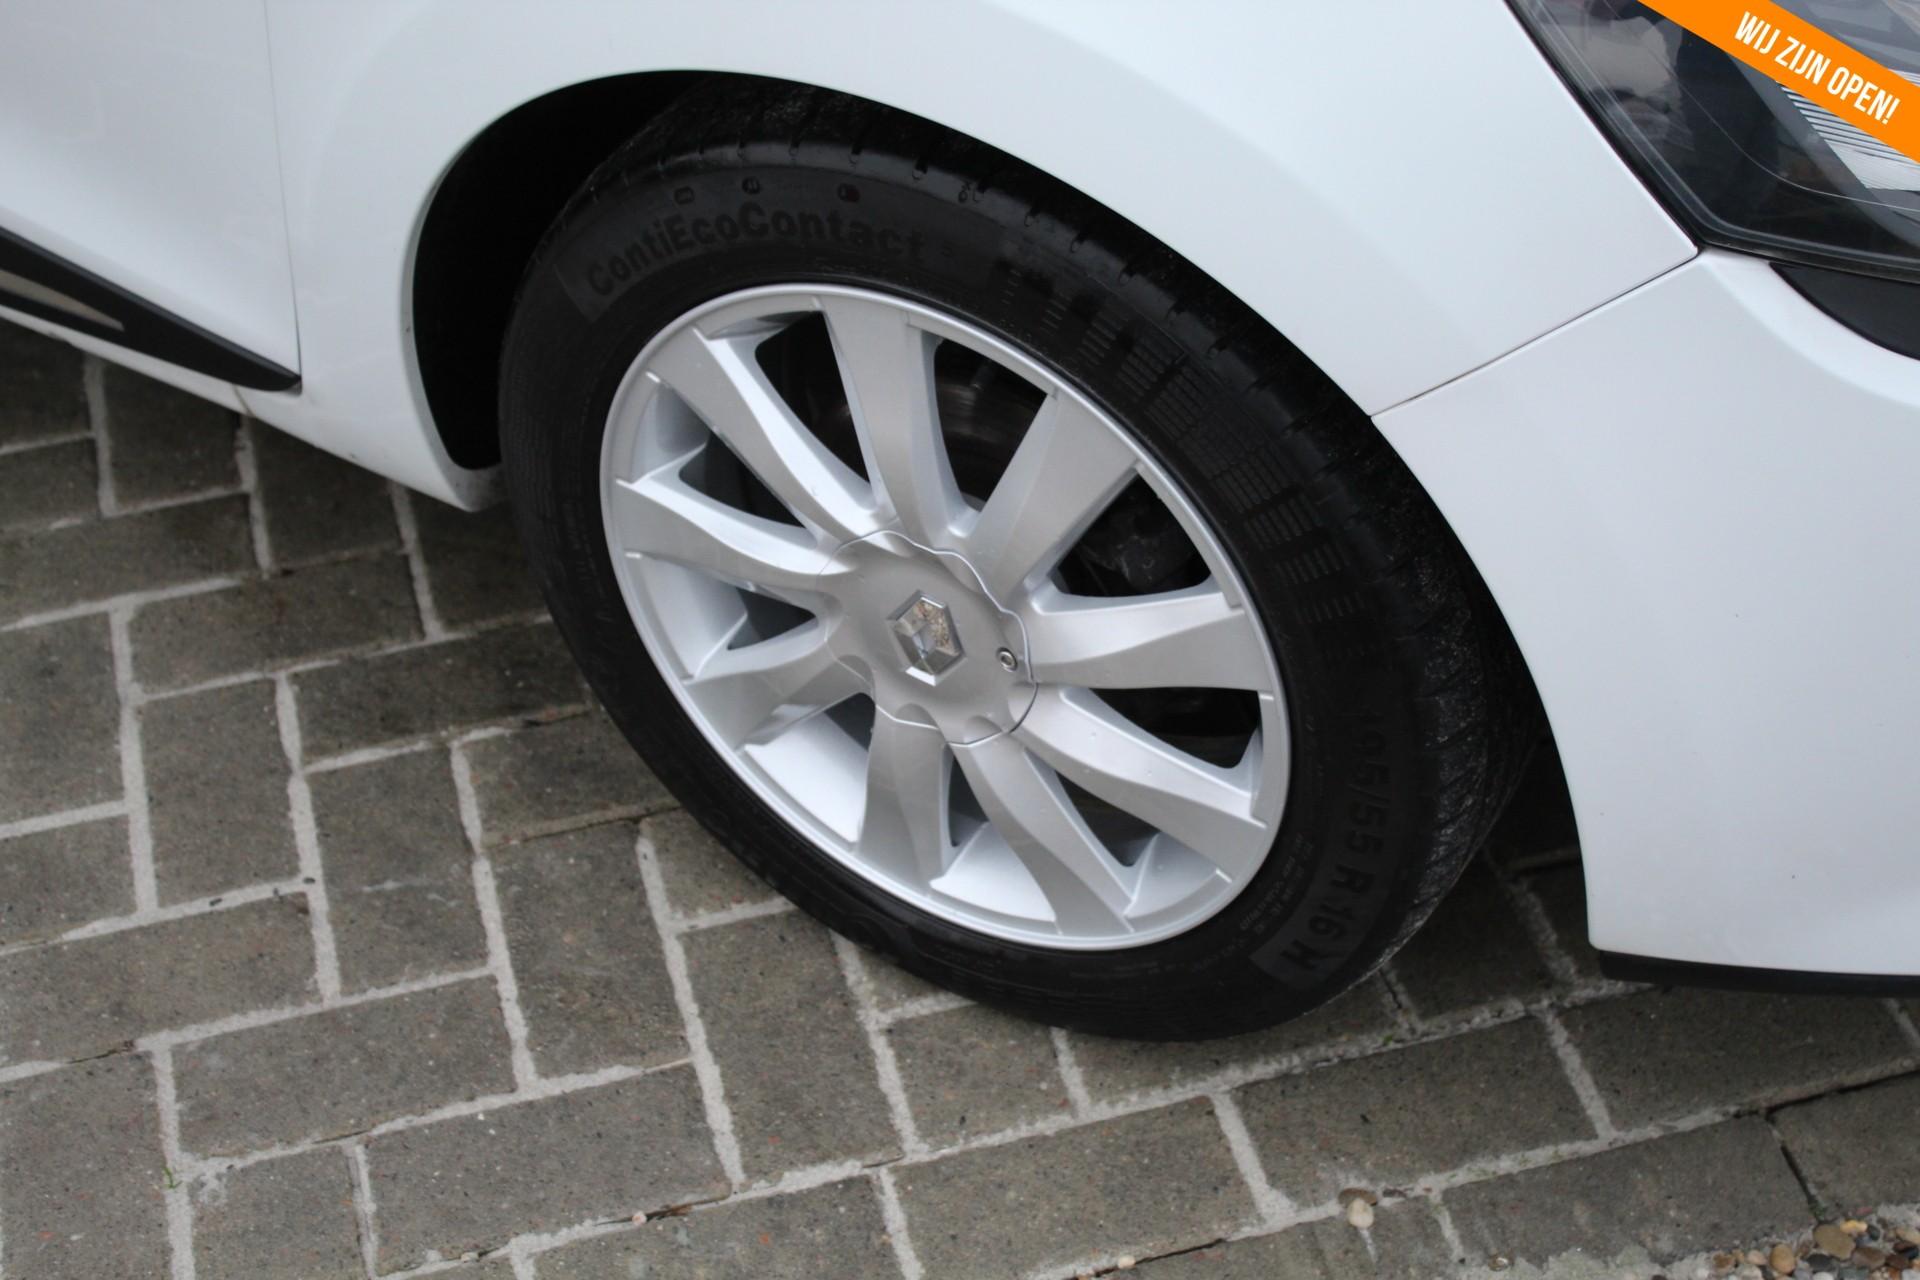 Caroutlet Groningen - Renault Clio 1.2 16V  Black & White | BLUETOOTH | 1e EIGENAAR | AIRCO | CRUISE | LMV